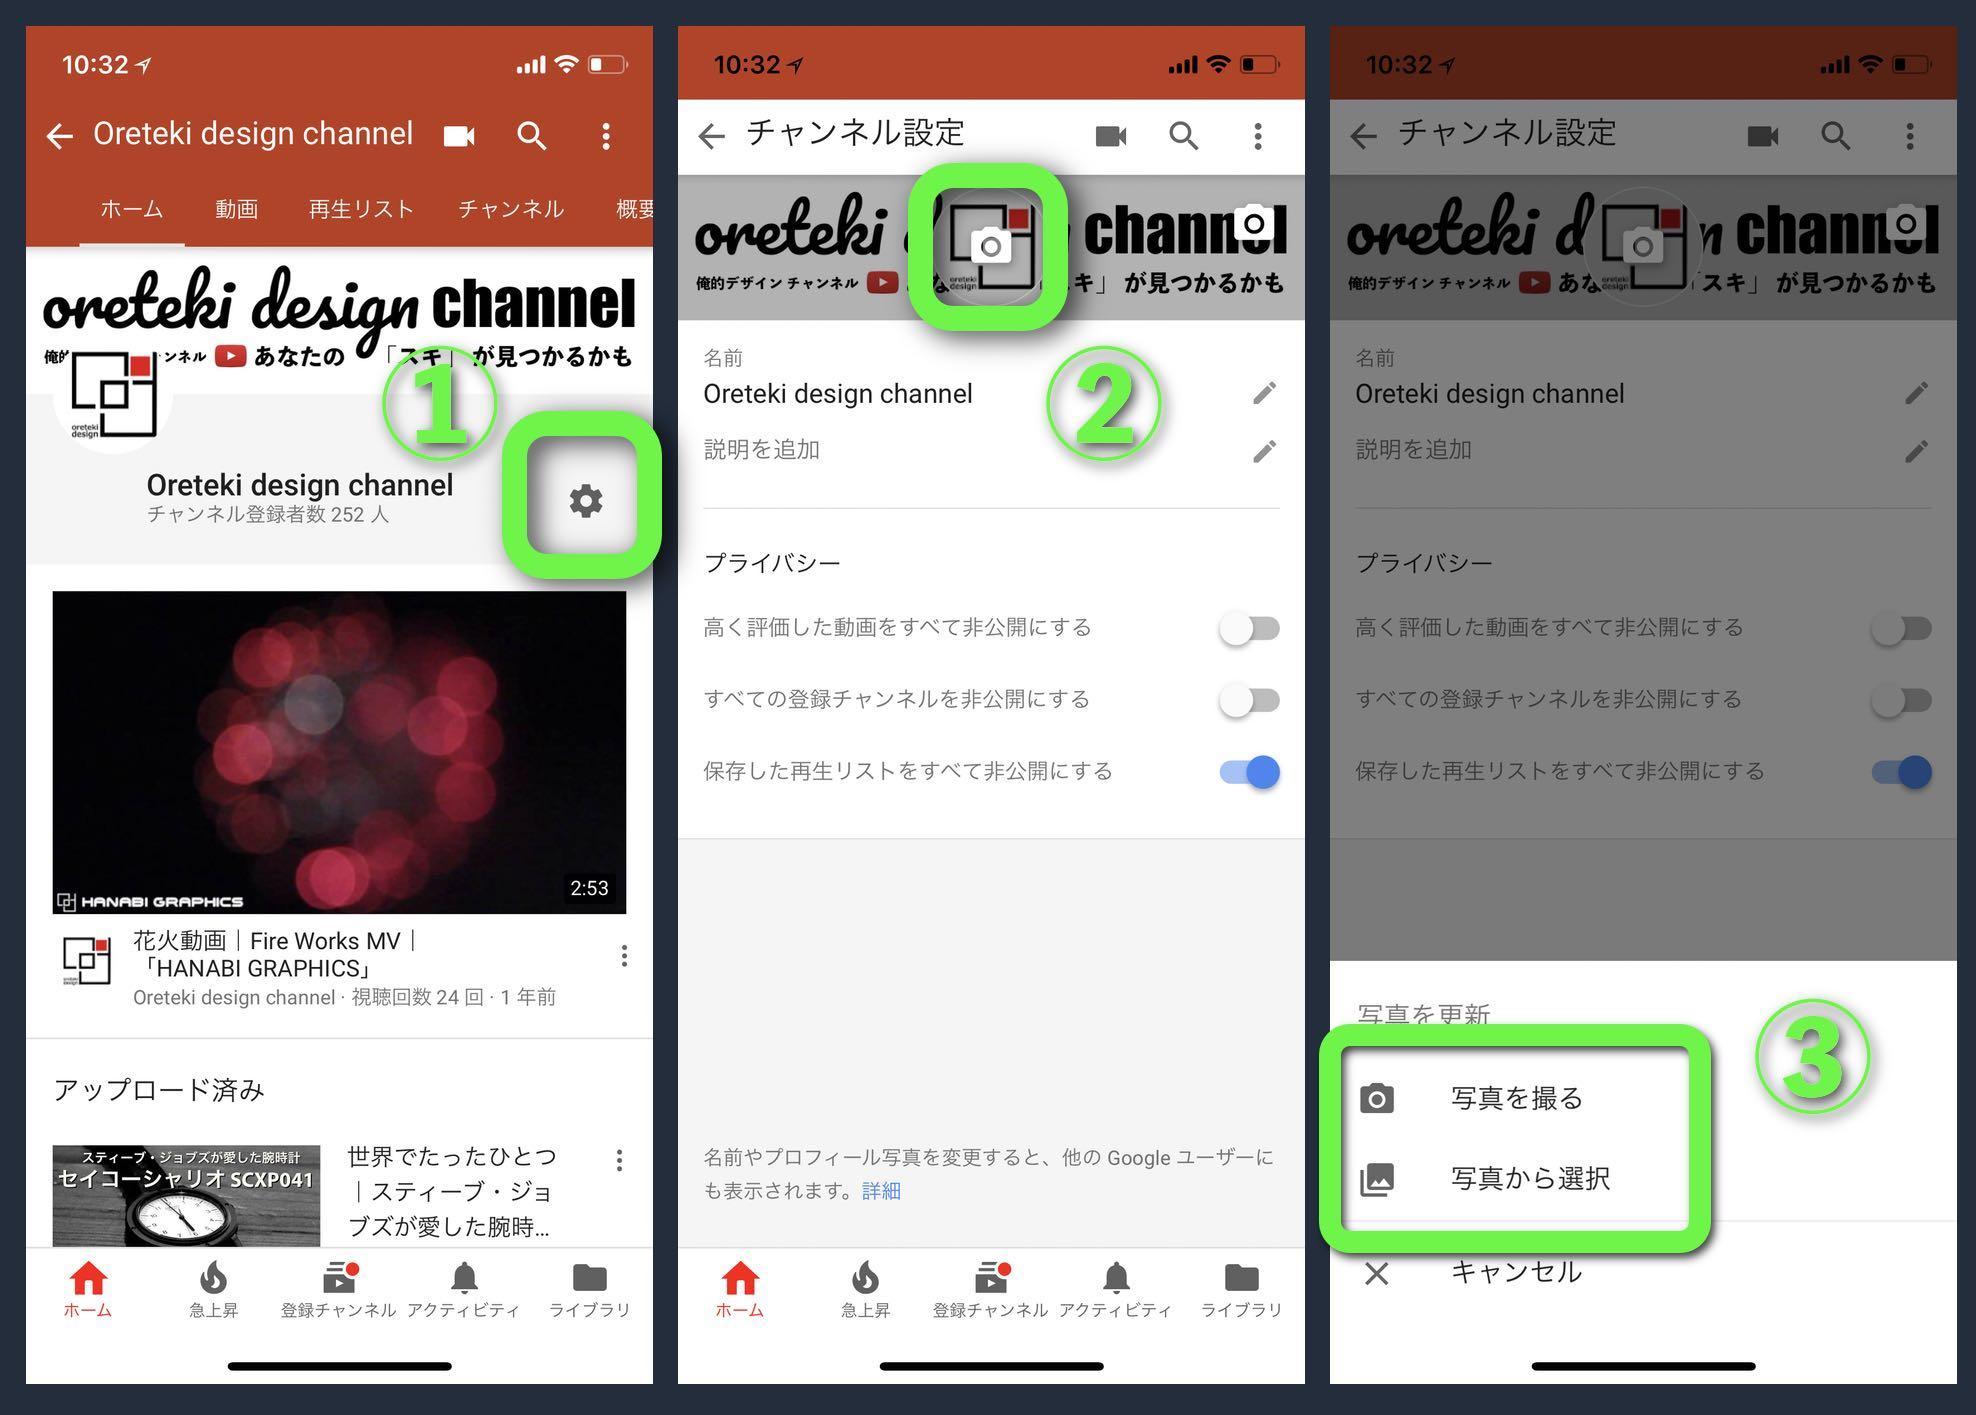 チャンネルアート設定モバイル編の画像